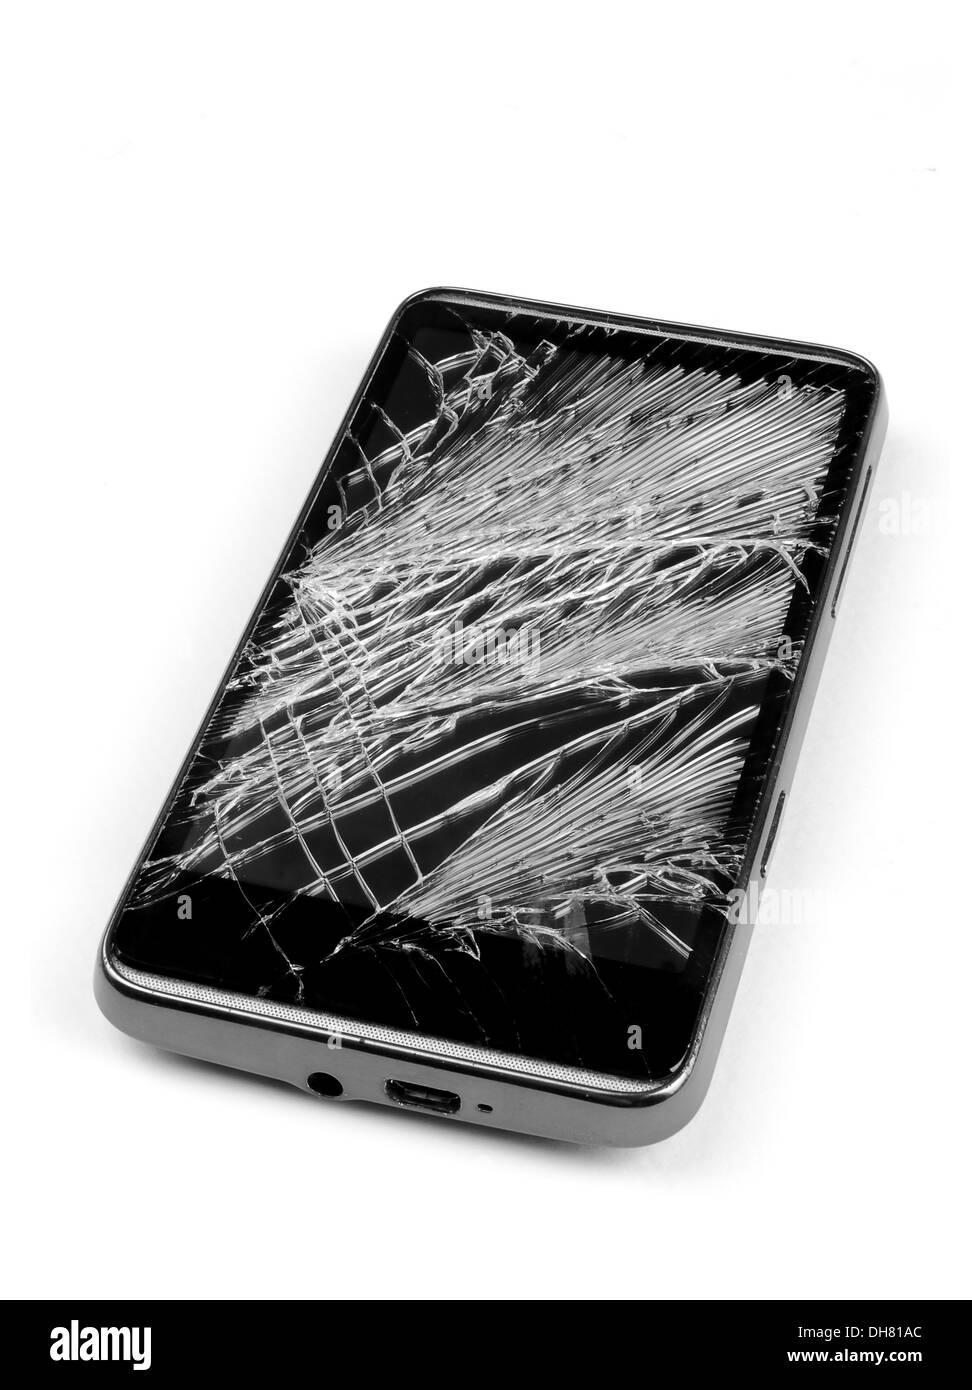 Fissurées, cassées, endommagées - smart phone cell phone Photo Stock